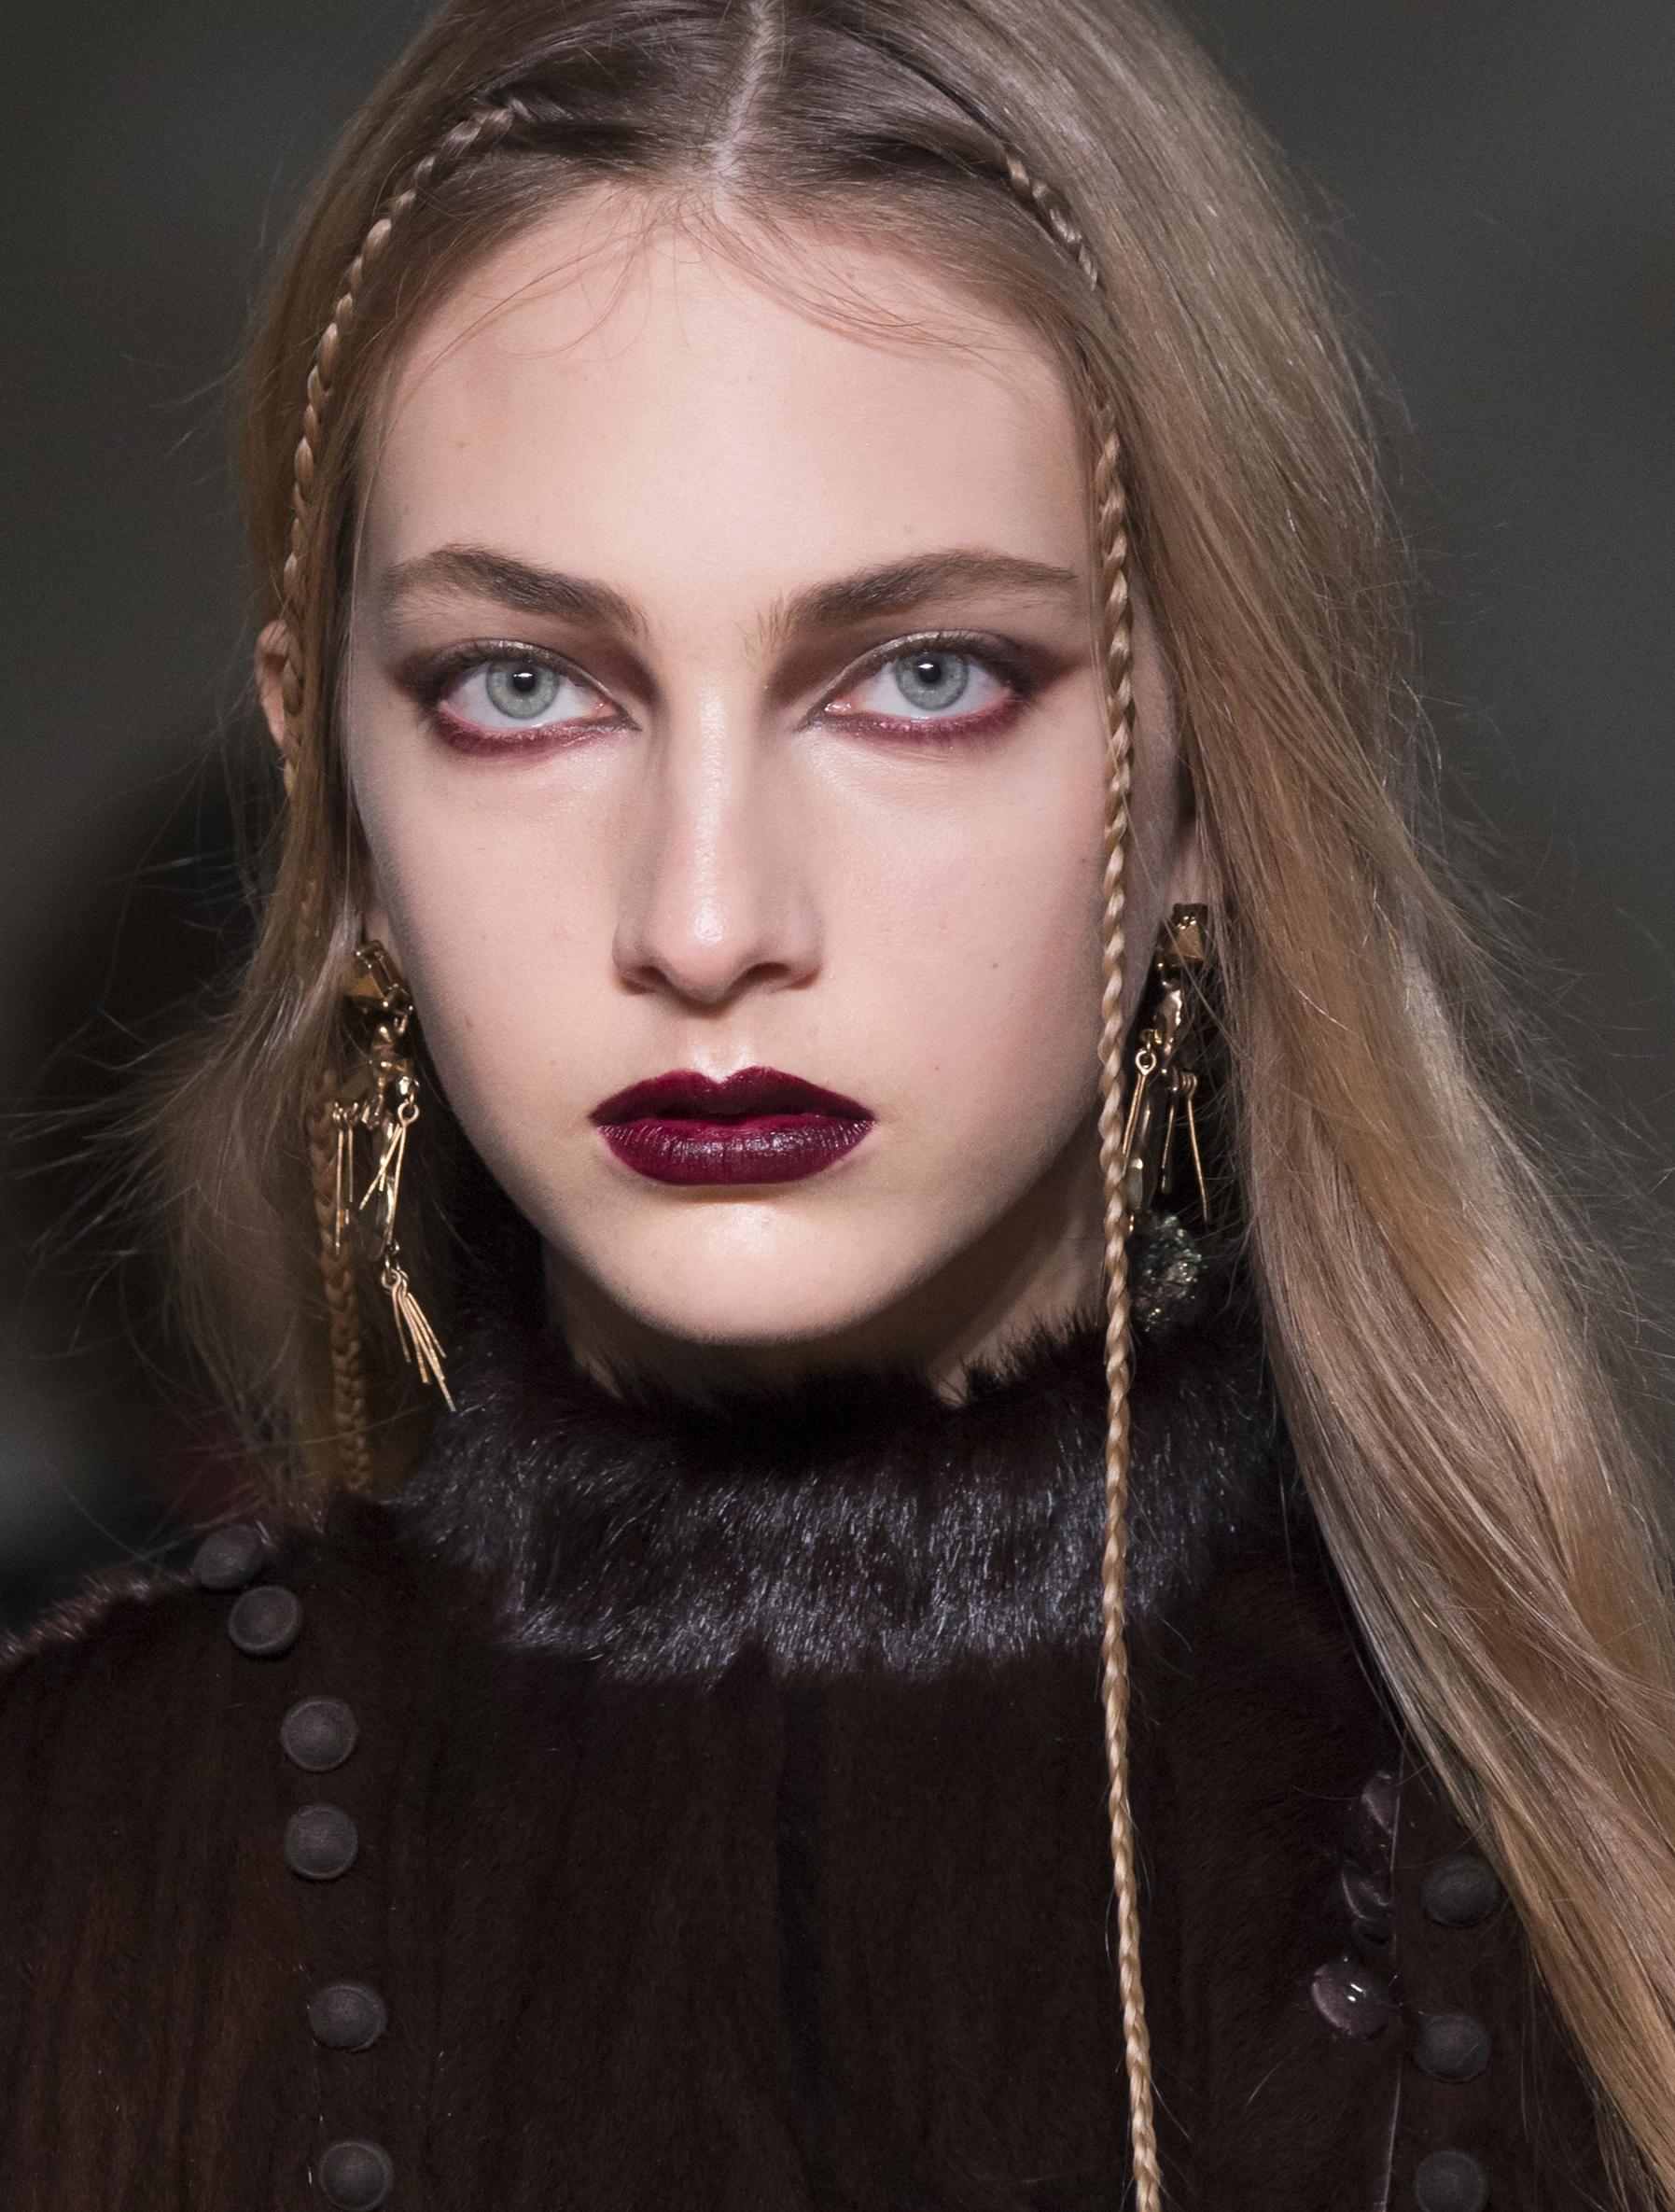 Experiencias de moda en el extranjero: Chiara Leone, la modelo más top de Chile en el extranjero